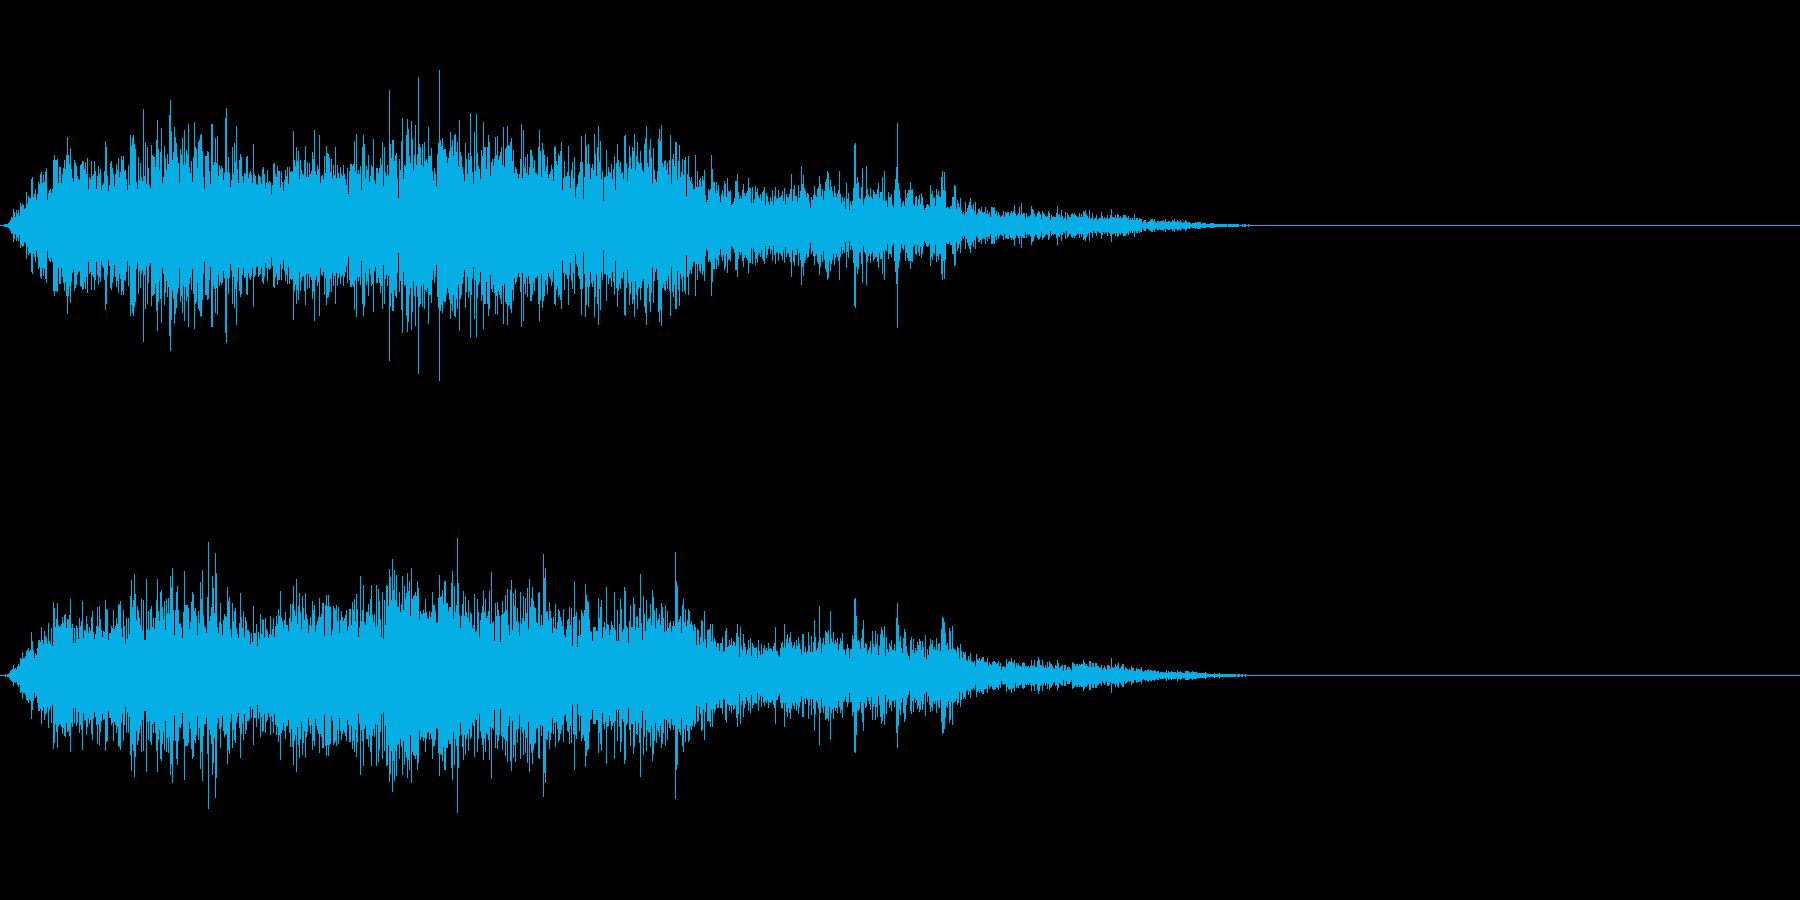 モンスター/獣/ゾンビ等の鳴き声!02Cの再生済みの波形